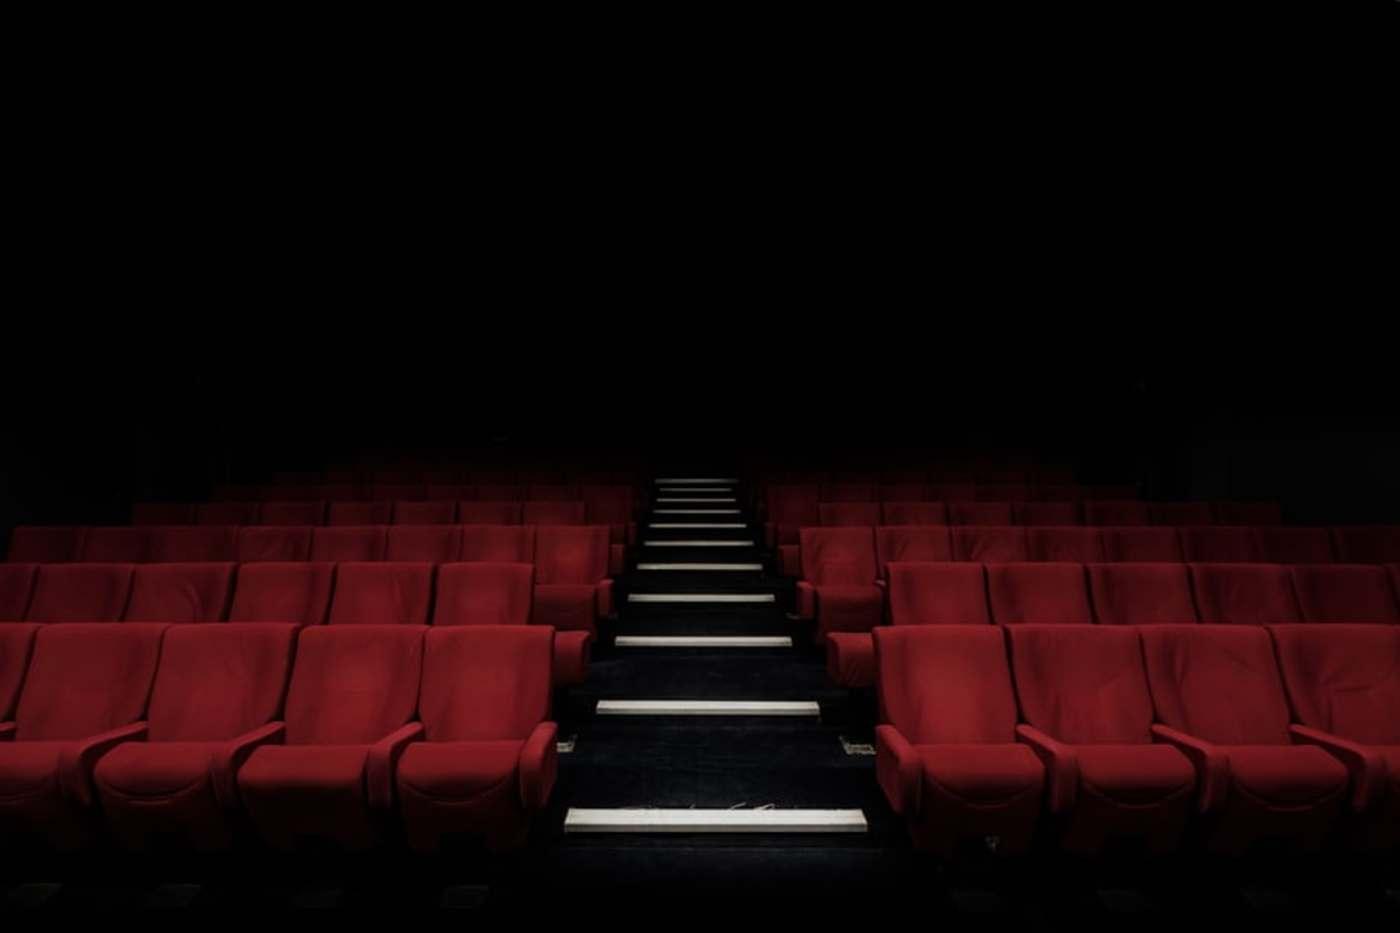 当电影院按下暂停键,成本压力!遥遥无期的电影从业者的复工梦